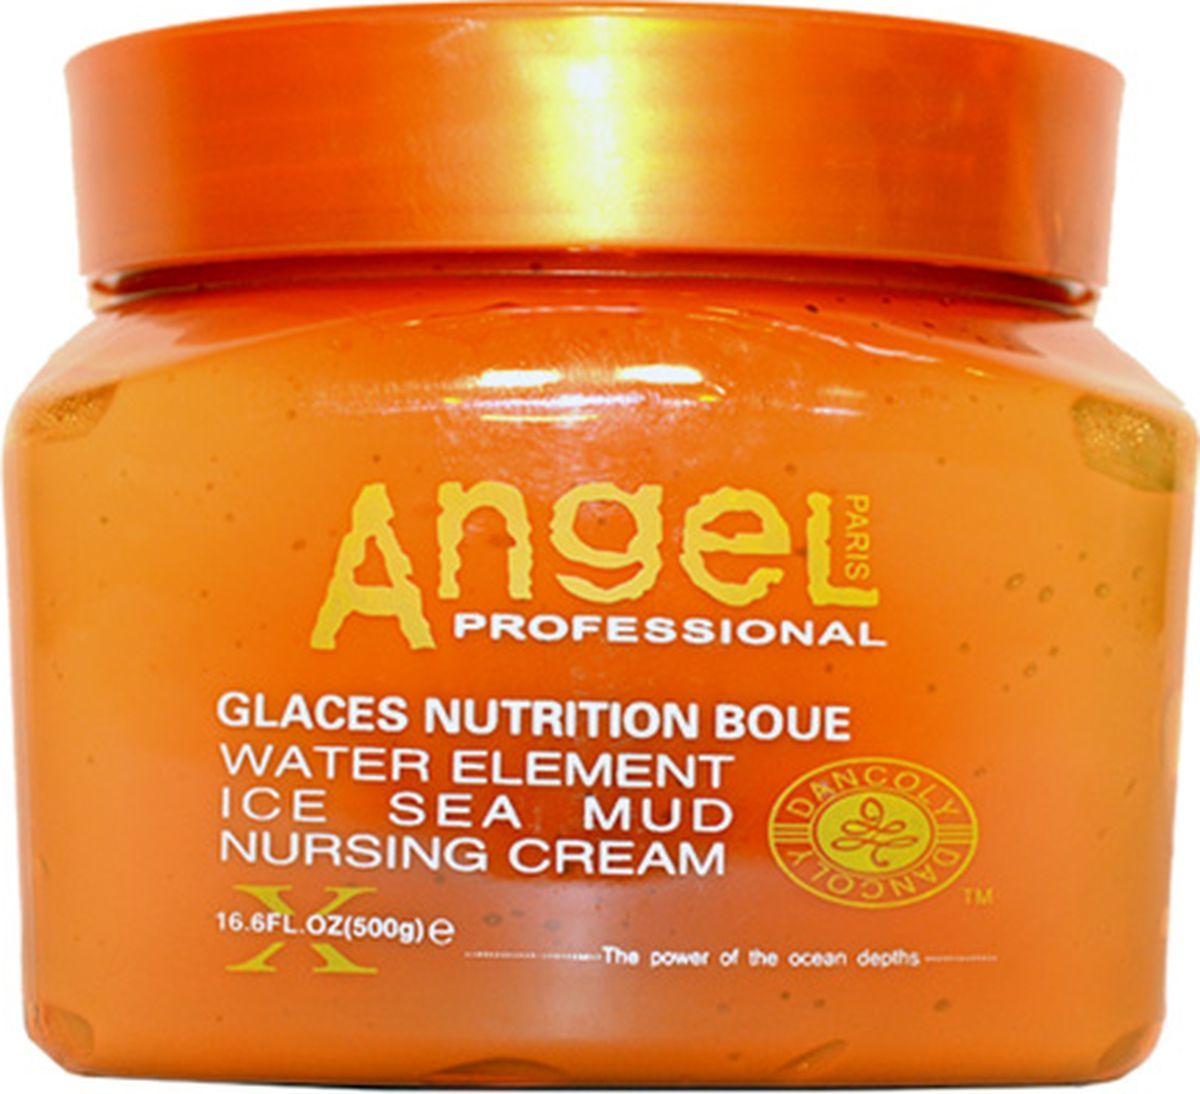 Angel professionalКрем для волос с замороженной морской грязью, 500 мл Angel professional